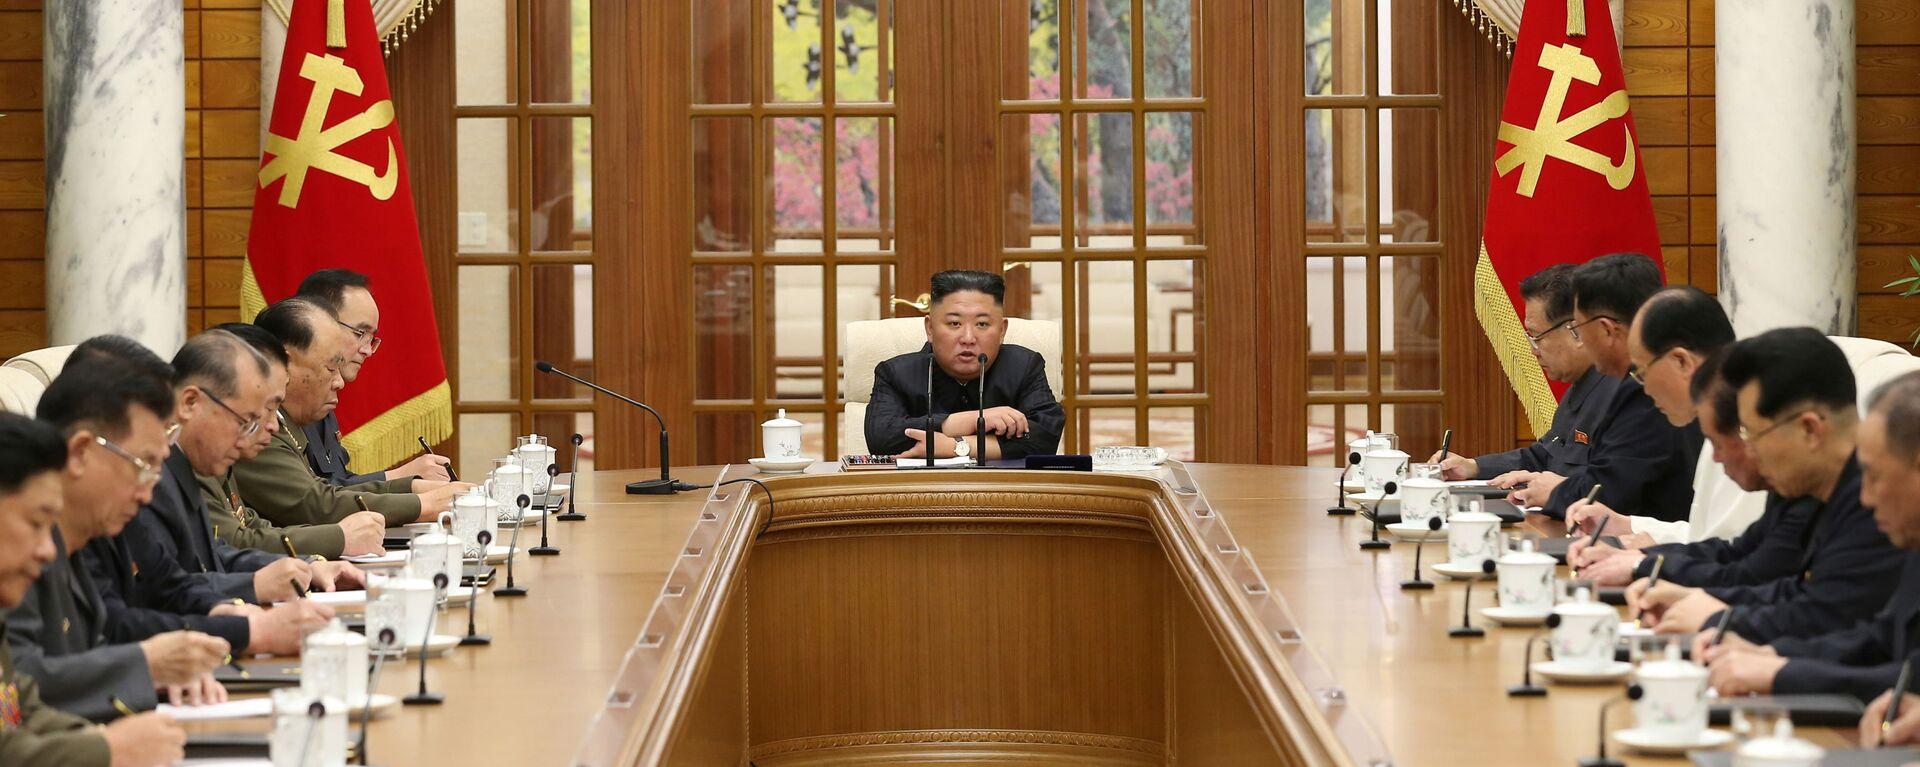 Lídr Severní Koreje Kim Čong-un - Sputnik Česká republika, 1920, 18.06.2021